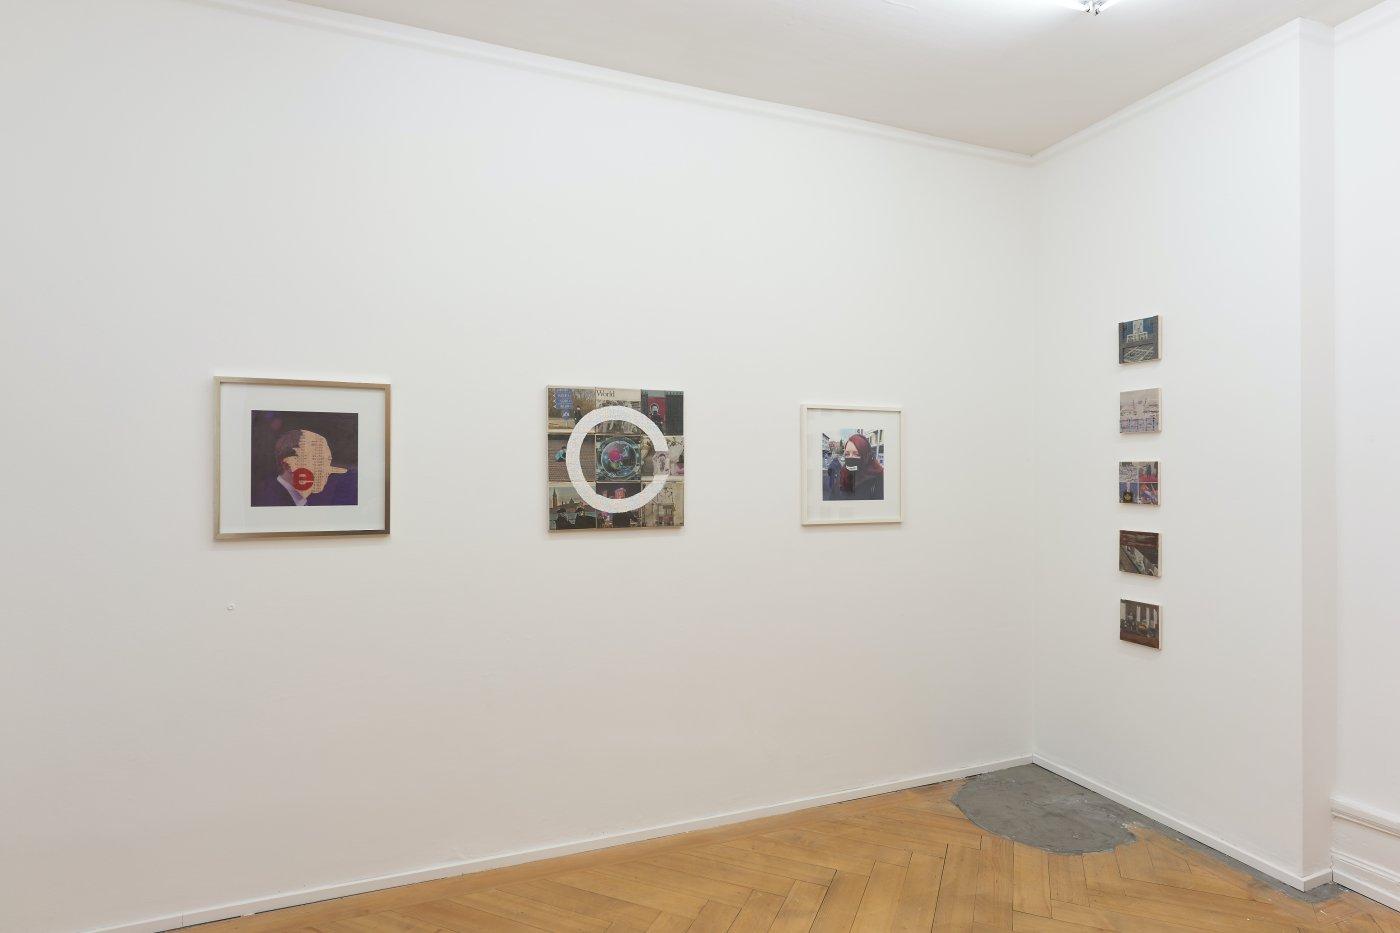 Mai 36 Galerie ch 15